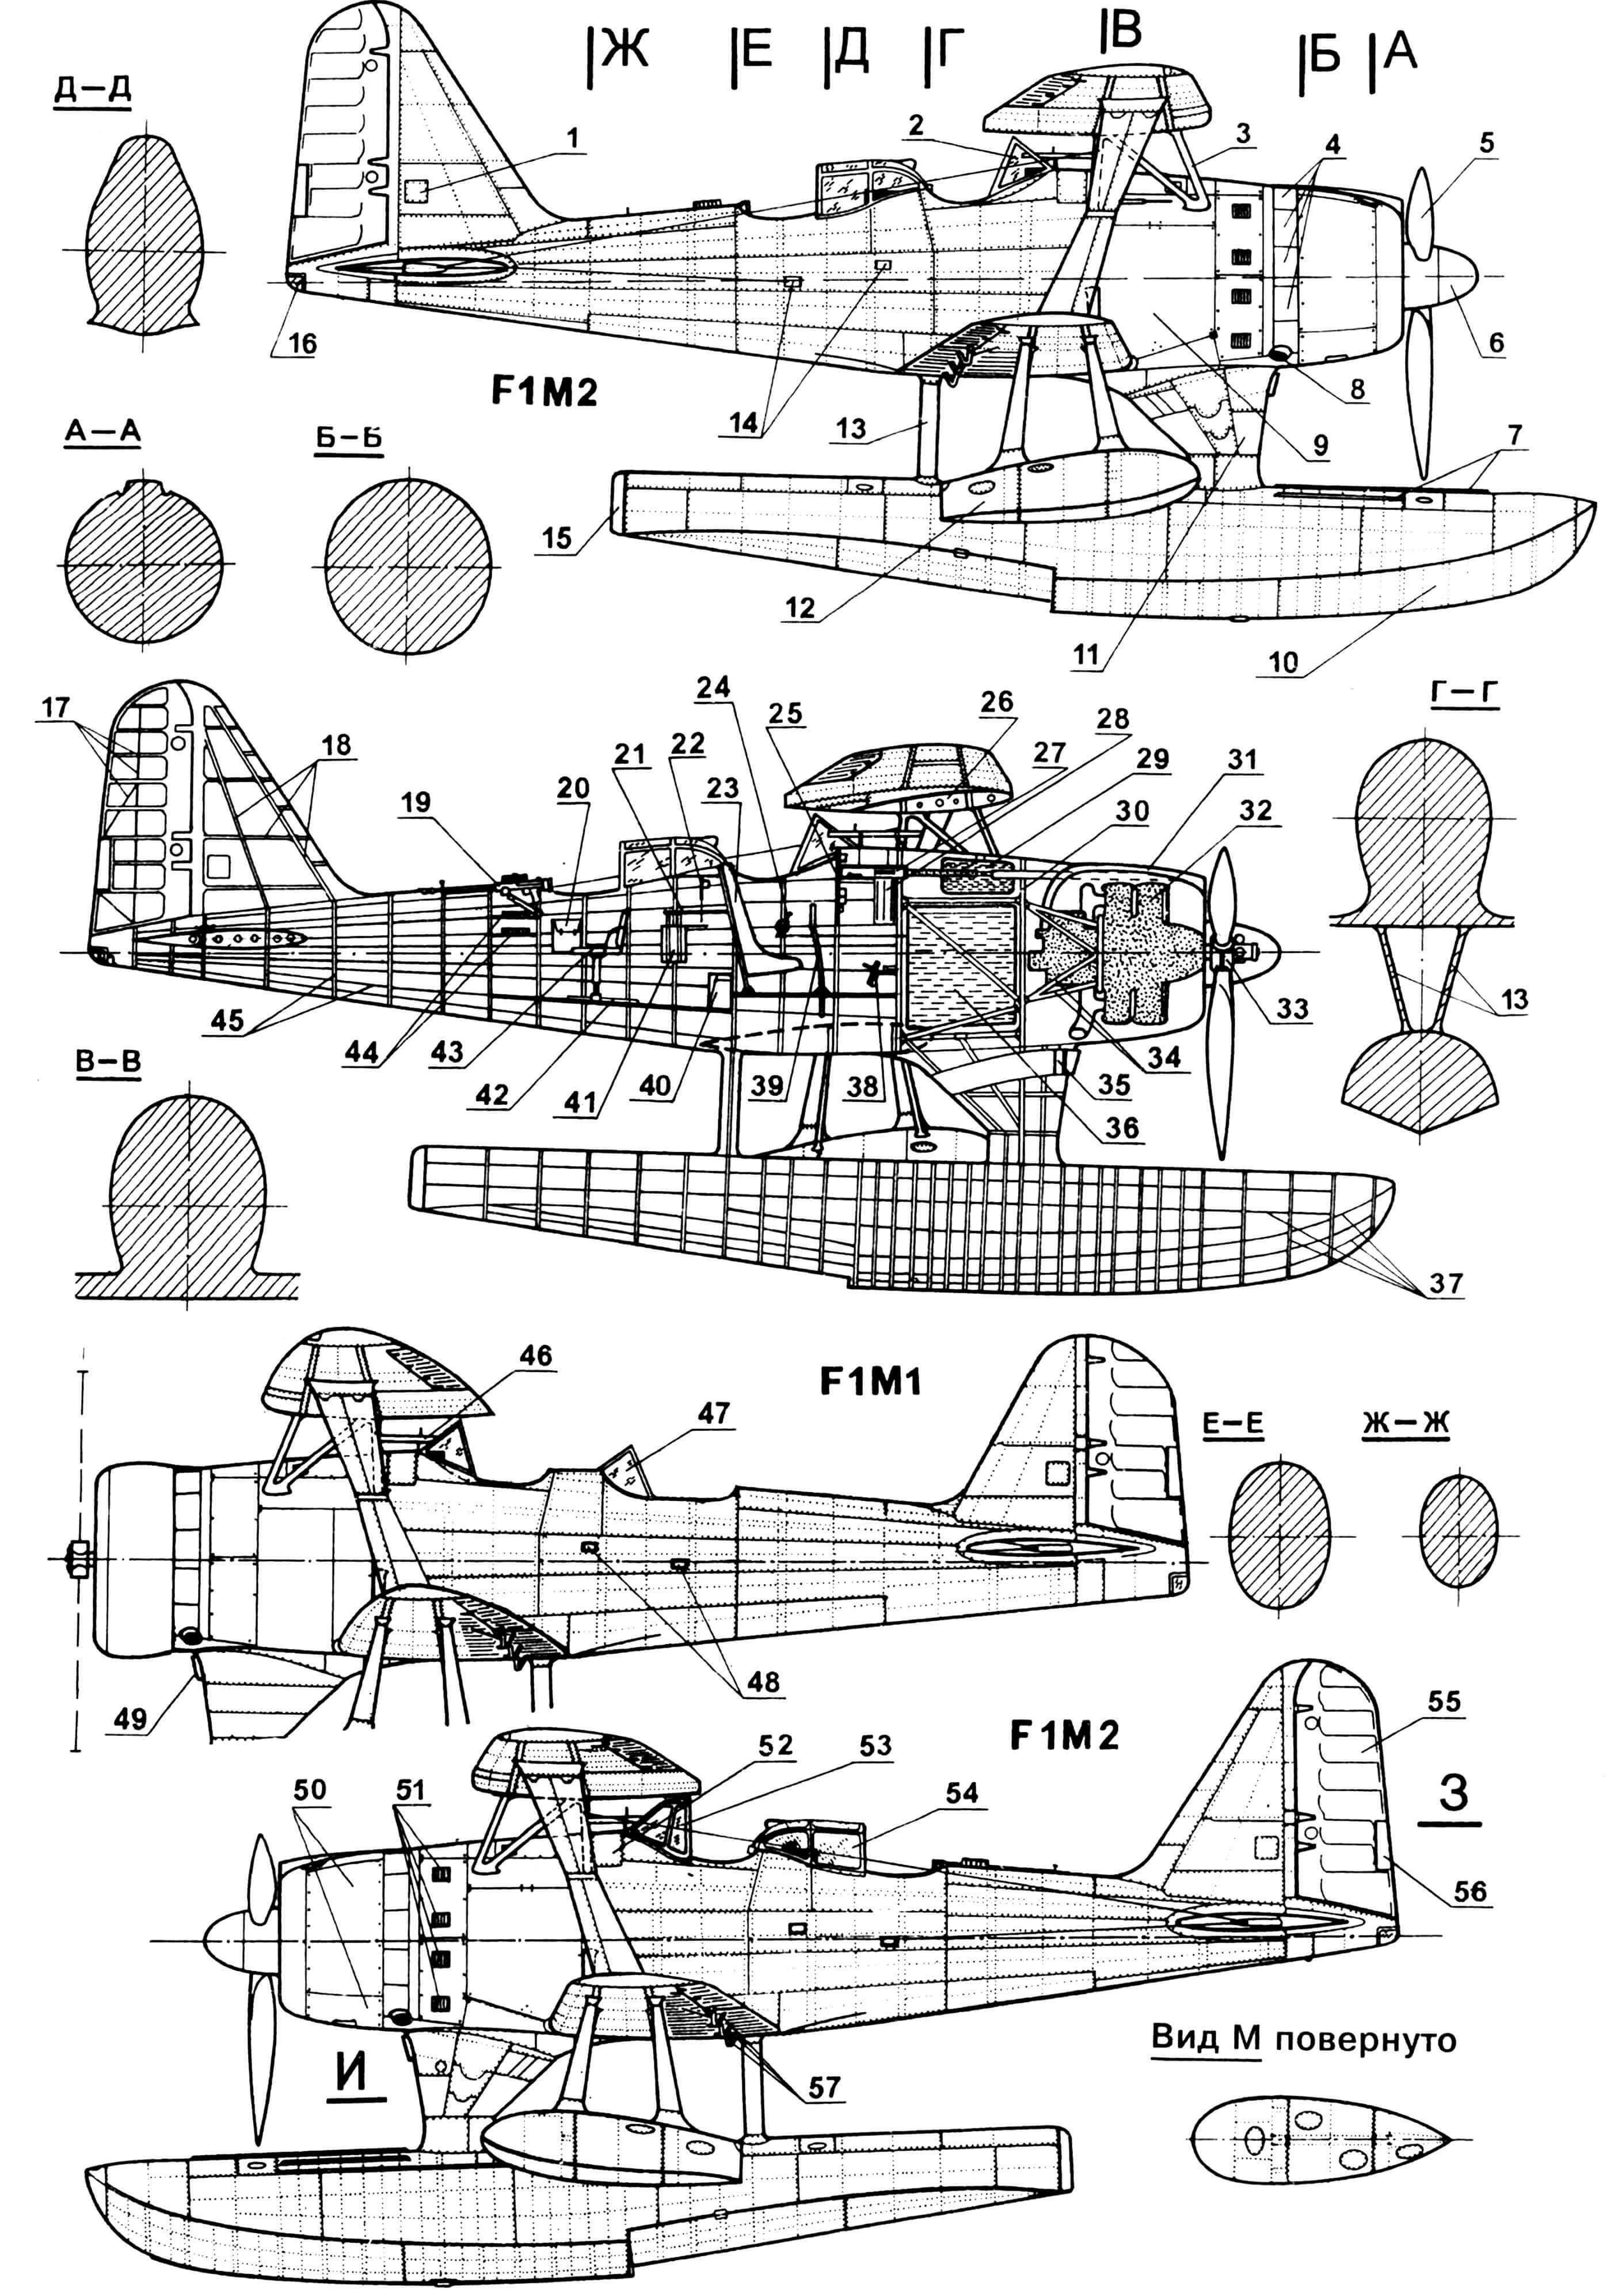 «Зерокан» — гидросамолет японских ВМС: 1 — лючок эксплуатационный; 2 — козырек кабины пилота; 3 — подкос верхнего крыла; 4 — створки регулирования системы охлаждения двигателя; 5 — винт изменяемого шага; 6 — кок винта; 7 — ребра жесткости центрального поплавка; 8 — патрубок коллектора двигателя, выхлопной; 9 — панель доступа к топливному баку, съемная; 10 — поплавок подфюзеляжный, центральный; 11 — подкос поплавка; 12 — поплавок подкрыльевой; 13 — опора поплавка, задняя; 14, 48 — подножки; 15 — руль водяной; 16 — огонь габаритный; 17 — набор силовой руля направления; 18 — набор силовой киля; 19 — пулемет «мод. 92»; 20 — сумка медицинская; 21 — стол рабочий летчика-наблюдателя; 22, 25 — доски приборные; 23 — кресло пилота; 24 — ручка управления двигателем; 26 — нервюра центральная; 27 — пулемет «мод. 97»; 28 — ящик патронный; 29 — маслобак; 30 — перегородка противопожарная; 31 — воздухозаборник; 32 — двигатель; 33 — втулка винта; 34 — моторама; 35 — маслорадиатор; 36 — бак топливный; 37 — набор силовой центрального поплавка; 38 — педали управления рулем поворота; 39 — ручка управления; 40 — ящик инструментальный; 41 — радиостанция; 42 — направляющая кресла, рельсовая; 43 — кресло летчика-наблюдателя; 44 — диски пулемета, запасные; 45 — набор силовой фюзеляжа; 46 — прицел телескопический; 47, 54 — козырьки кабины летчика-наблюдателя; 49 — воздухозаборник; 50 — капоты двигателя; 51 — жалюзи; 52 — лючок доступа к патронным ящикам; 53 — козырек кабины поздних серий; 55 — руль направления; 56 — триммер руля направления; 57 — качалки закрылков; 58 — бомбодержатель; 59 — огни навигационные; 60 — элероны; 61 — закрылок; 62 — триммеры руля высоты; 63 — ПВД; 64 — бомба калибра 60 кг; 65 — ниша для уборки пулемета; 66 — антенны радиостанции; 67 — руль высоты; 68 — консоли крыла; 69 — расчалки; 70 — стойка подкрыльевого поплавка.